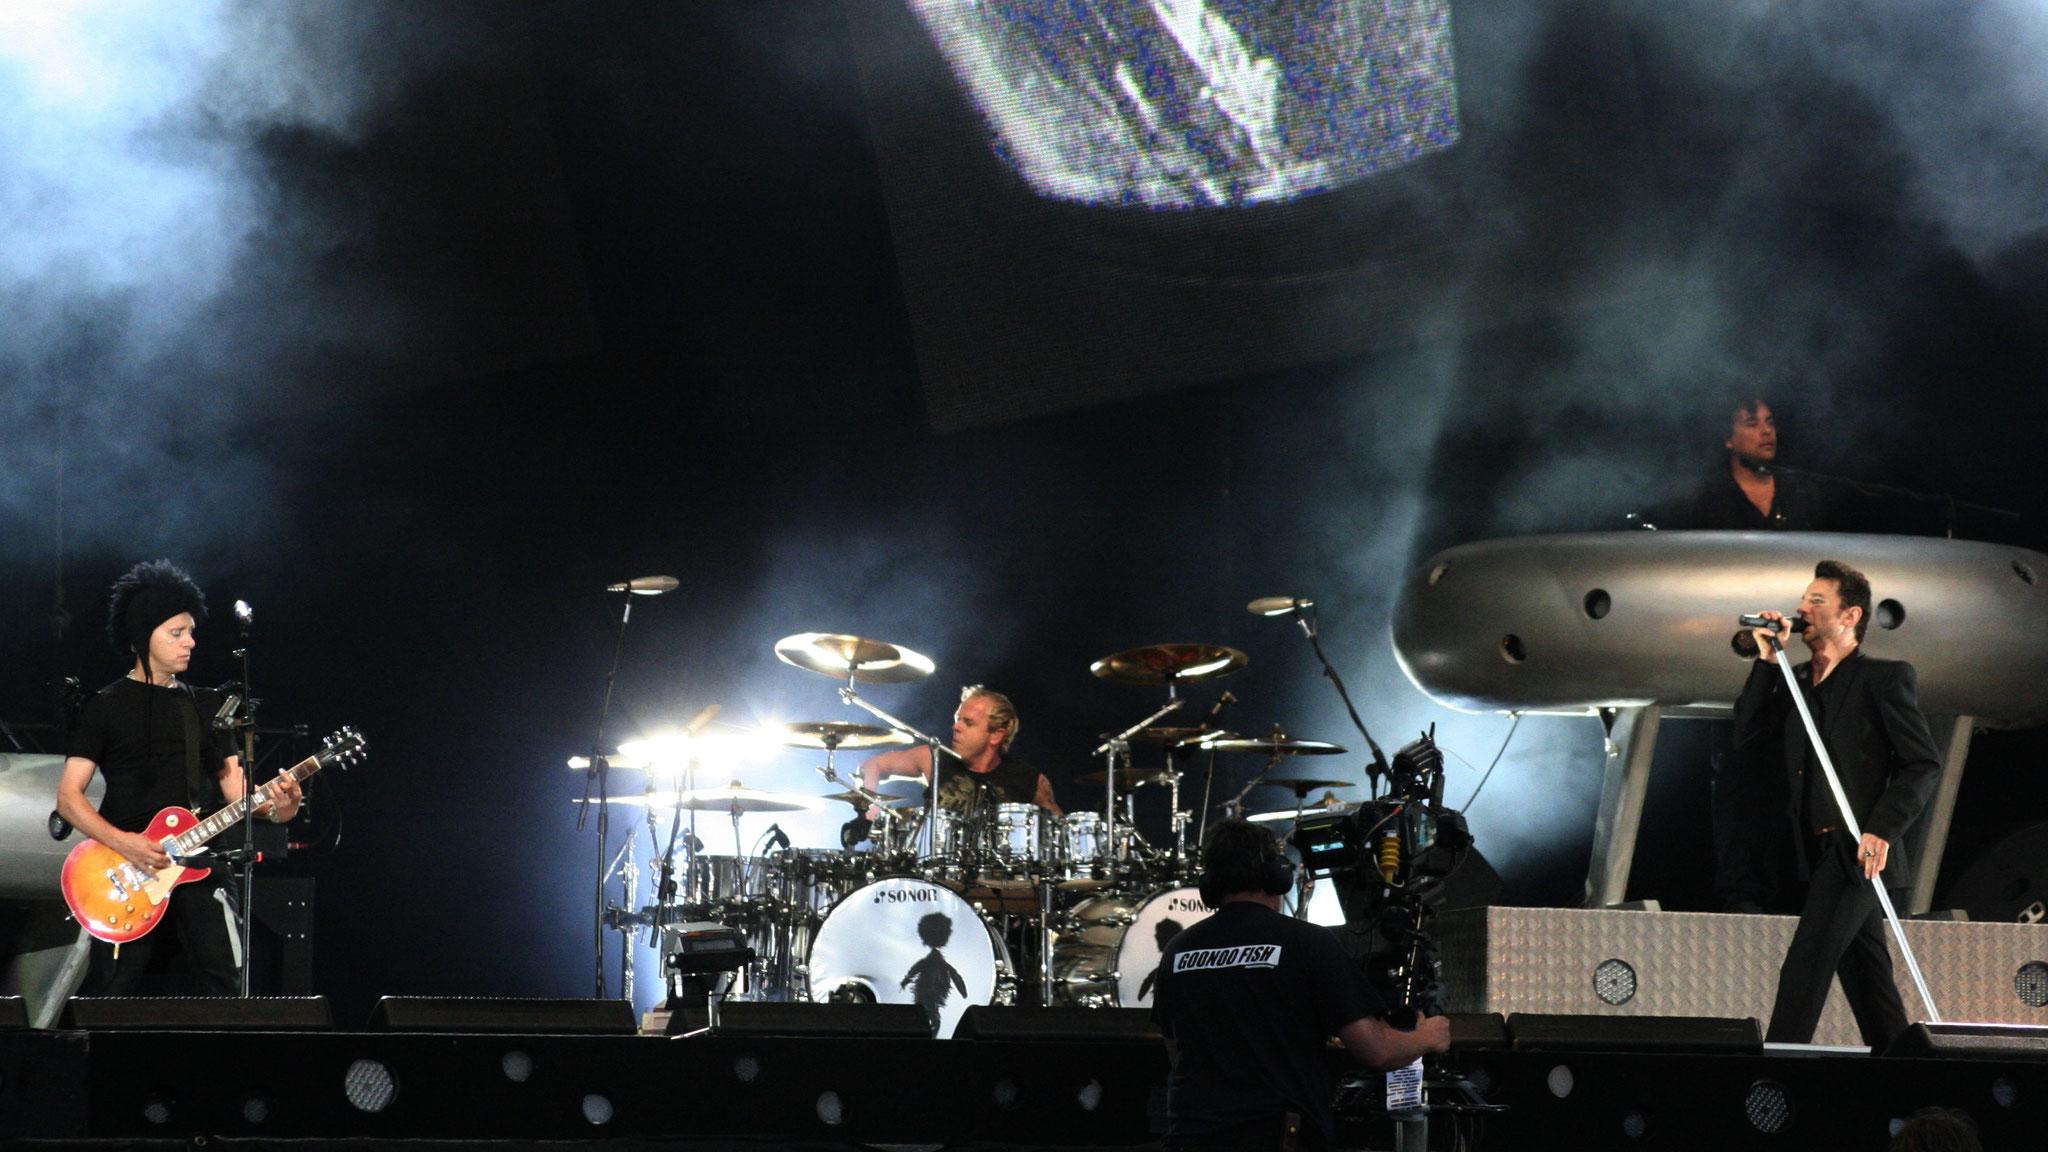 TOUR MUSICALI O CULTURALI